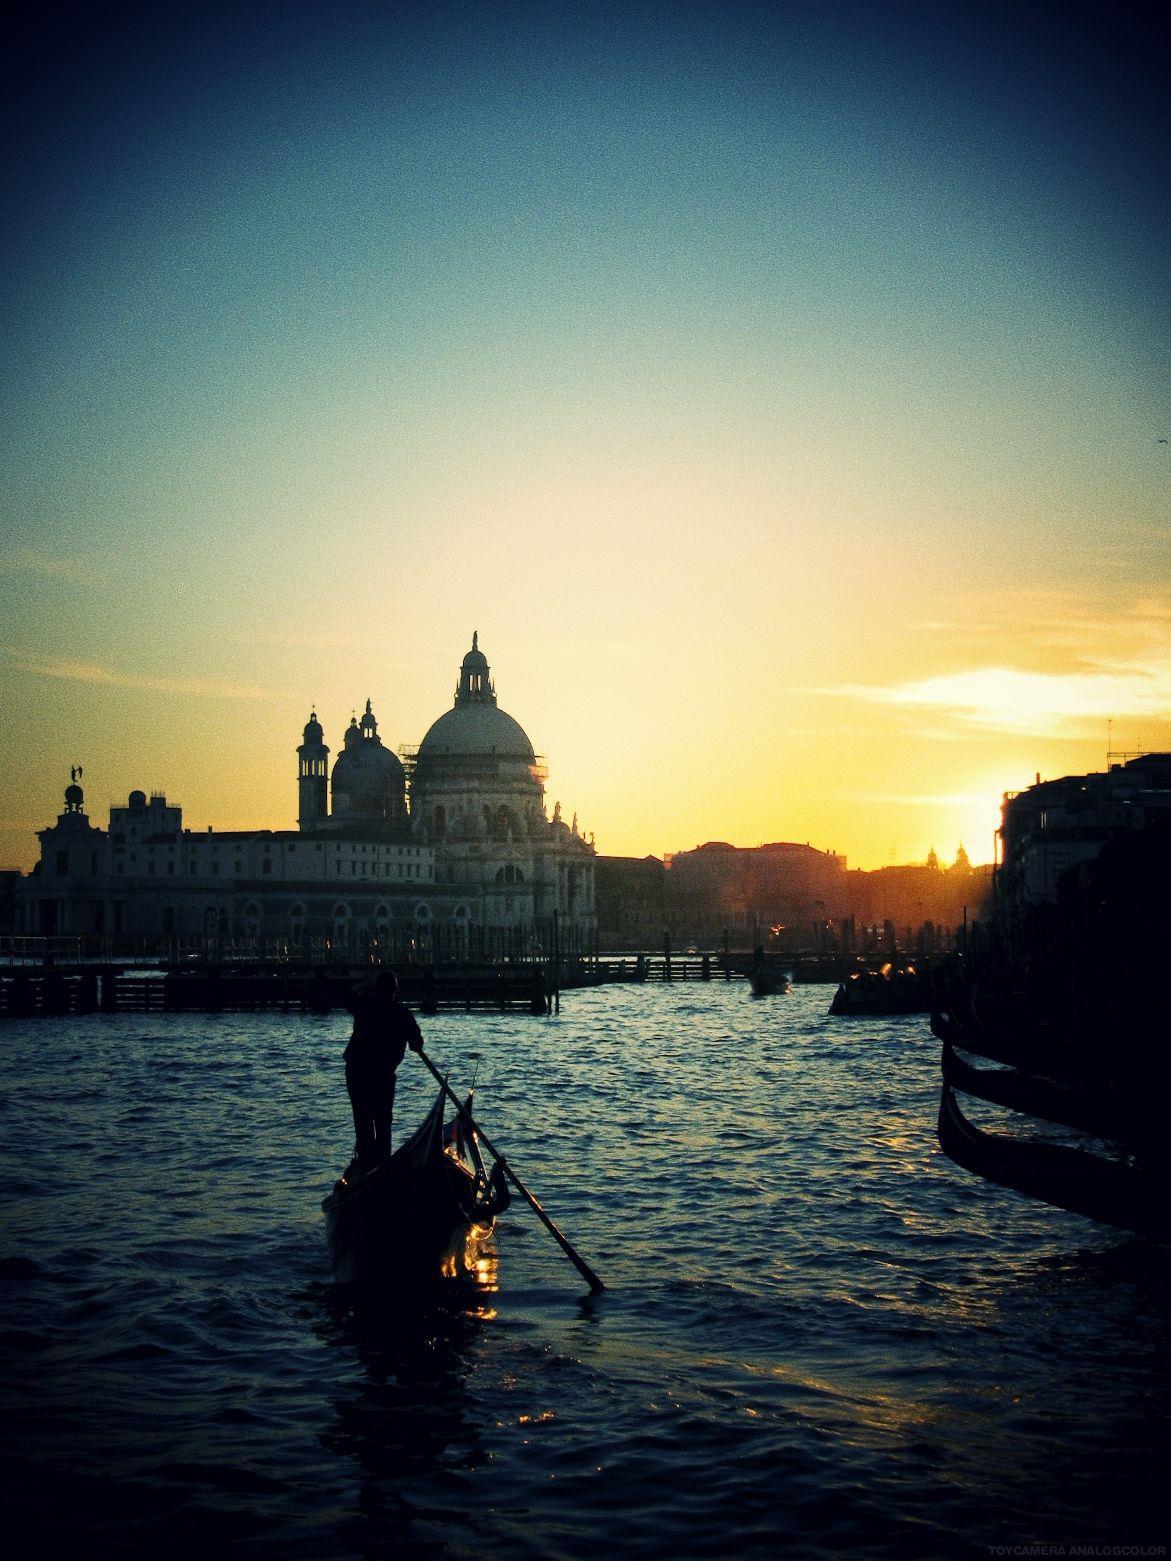 威尼斯:蜜月的首選之一,而末日又幫它們增添了不少愛情故事所需的淒美